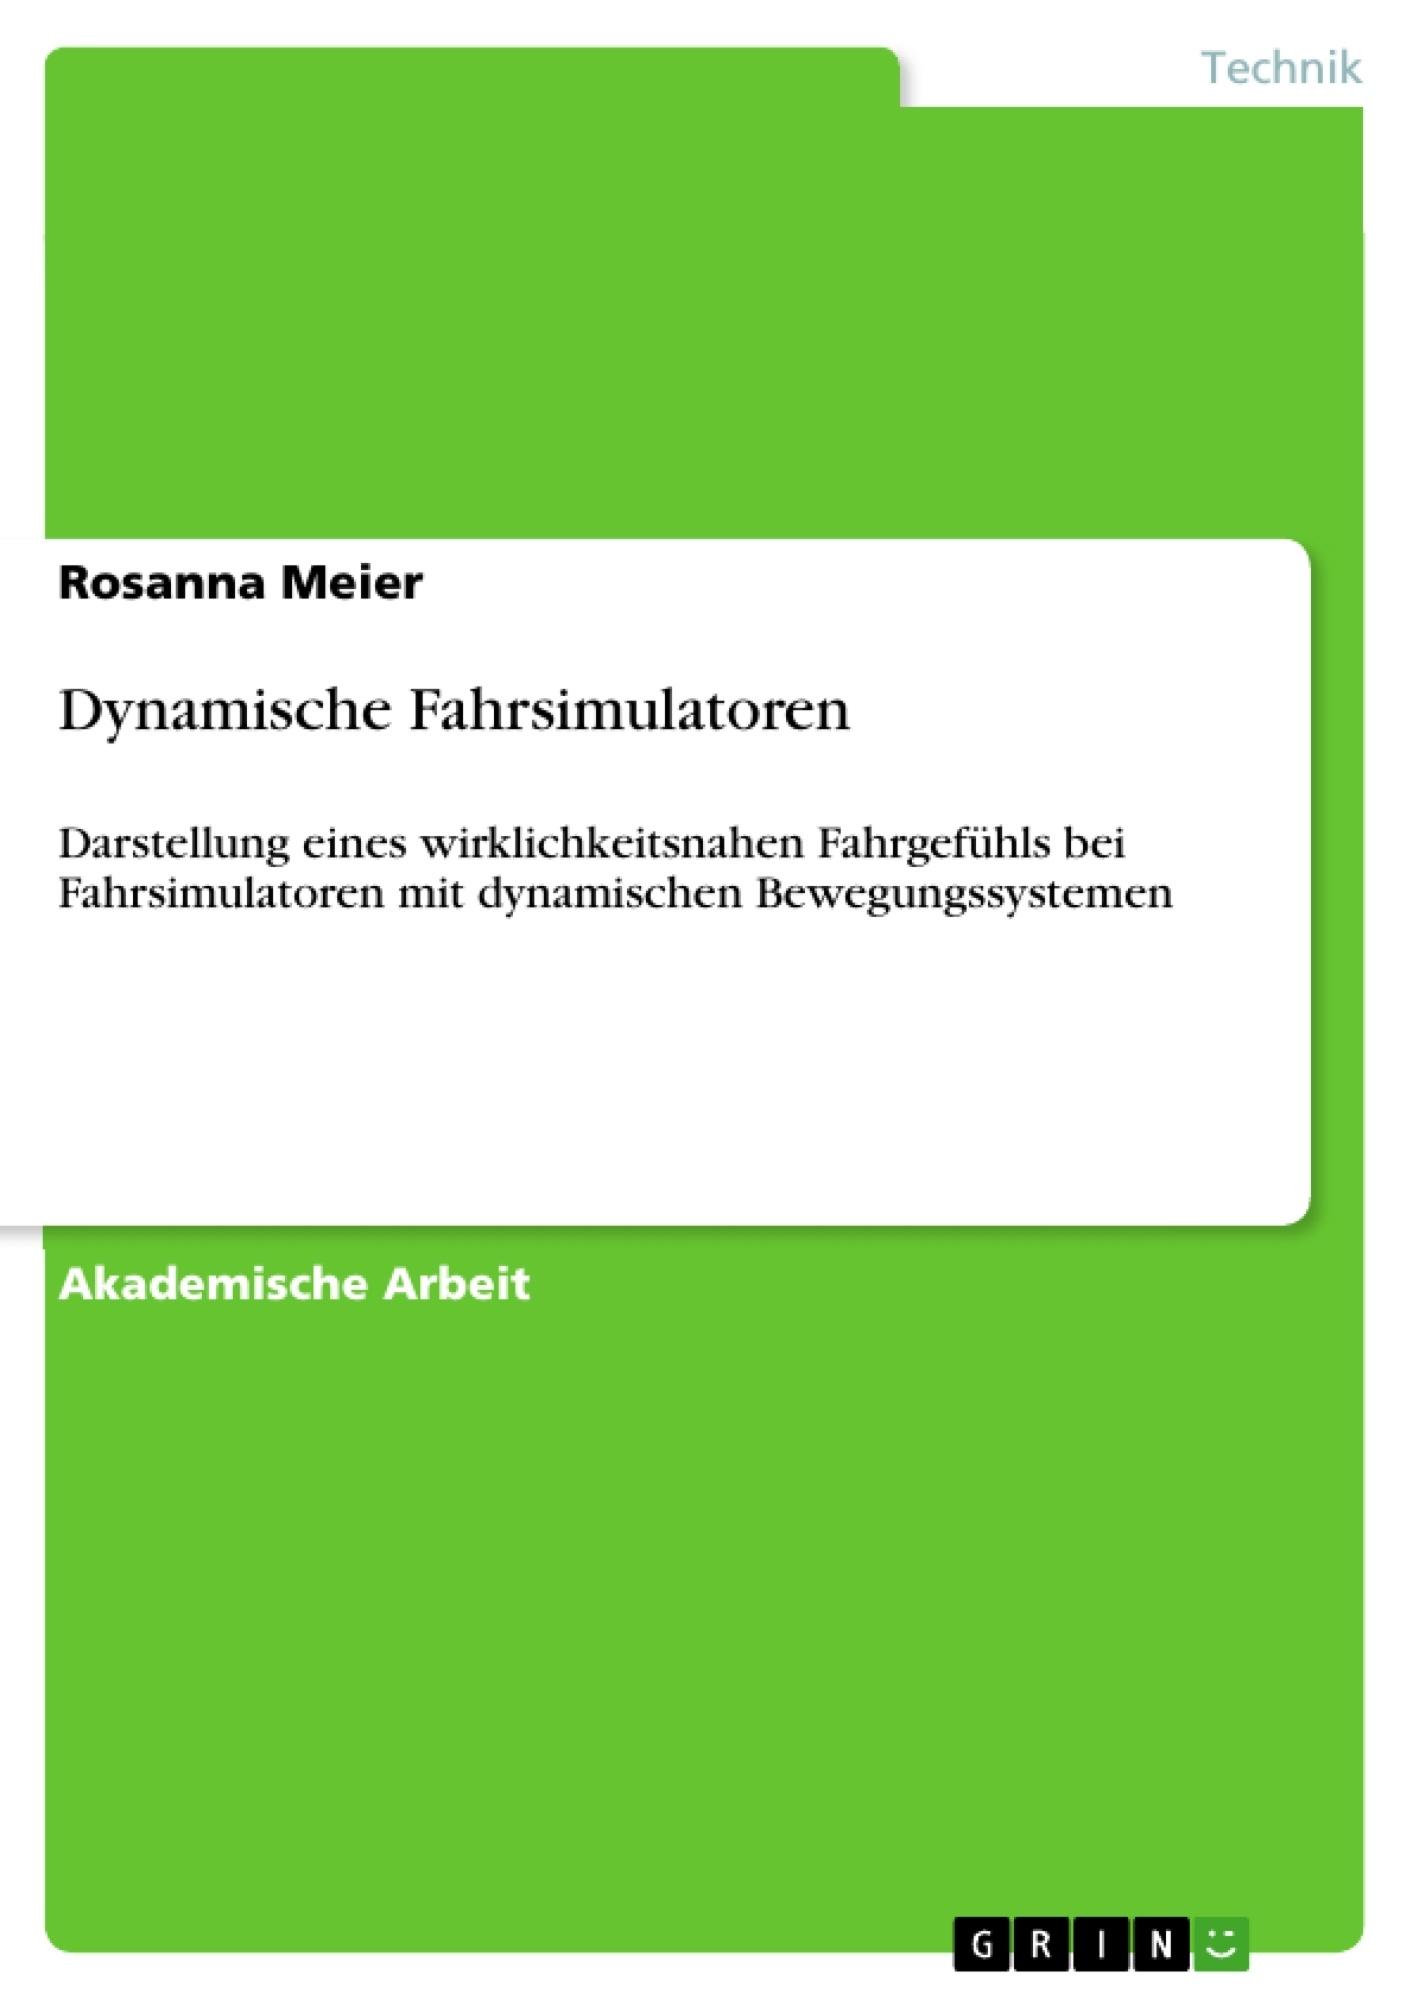 Titel: Dynamische Fahrsimulatoren